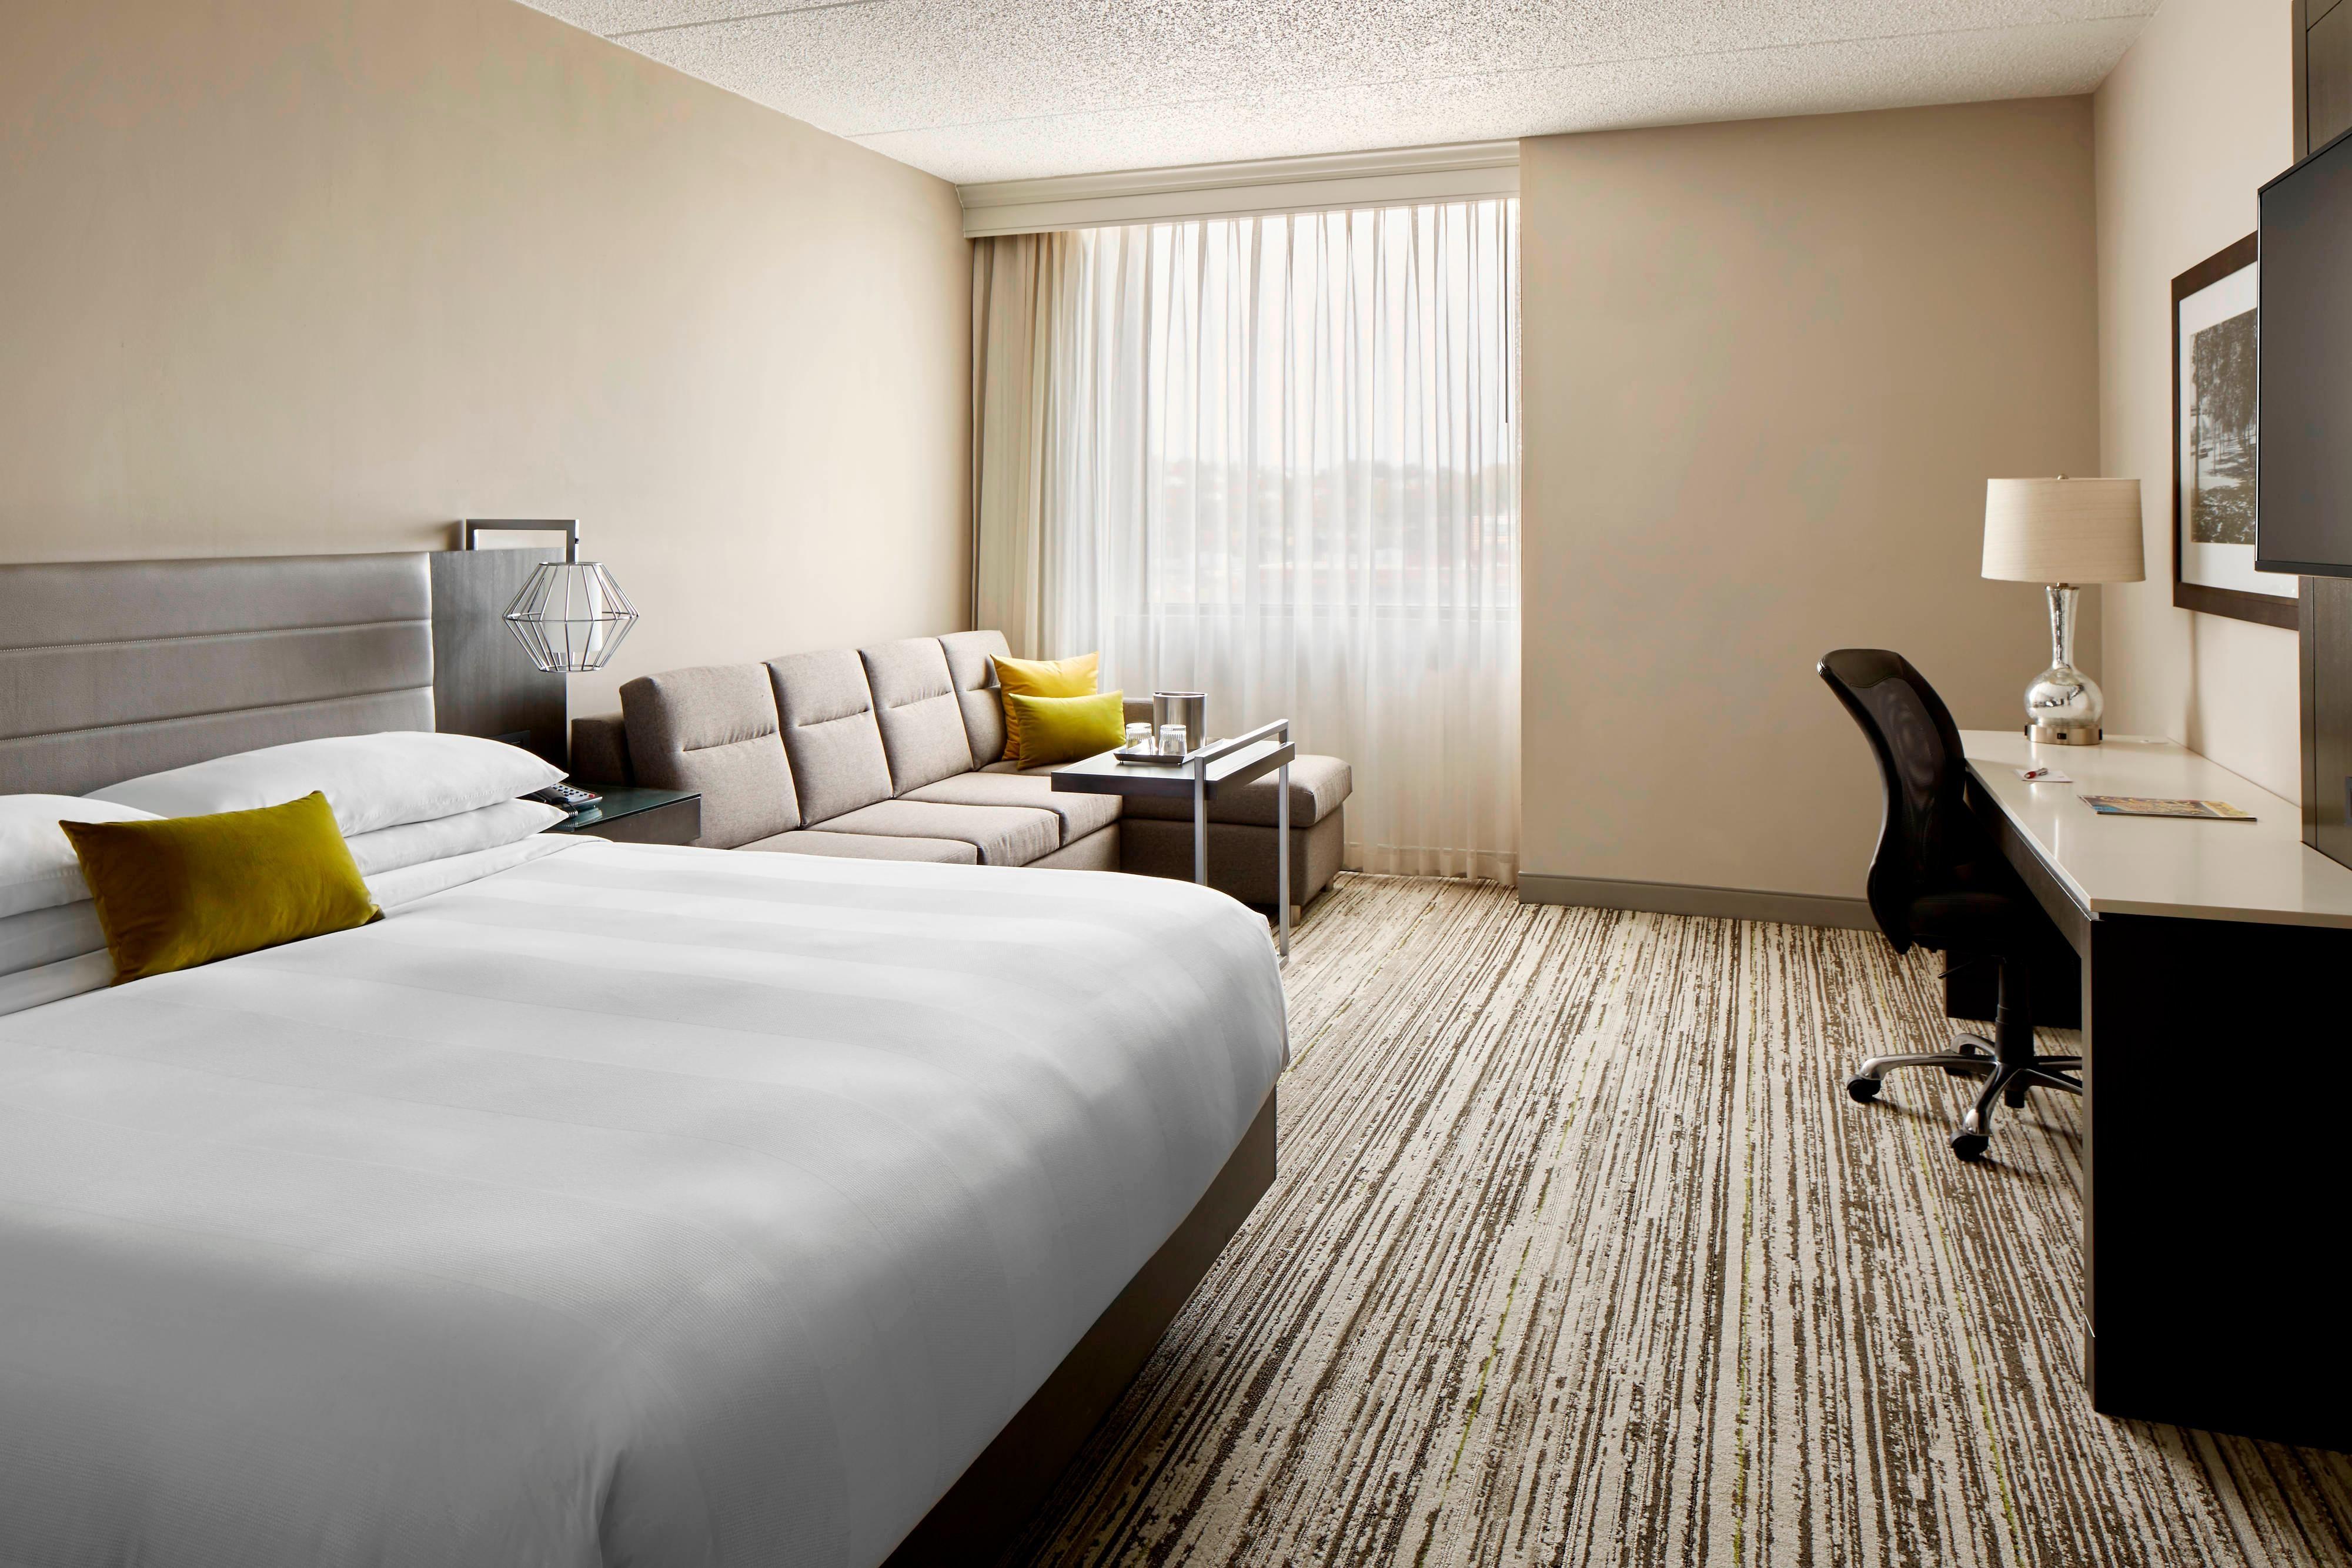 Gästezimmer mit Kingsize-Bett und Schlafsofa